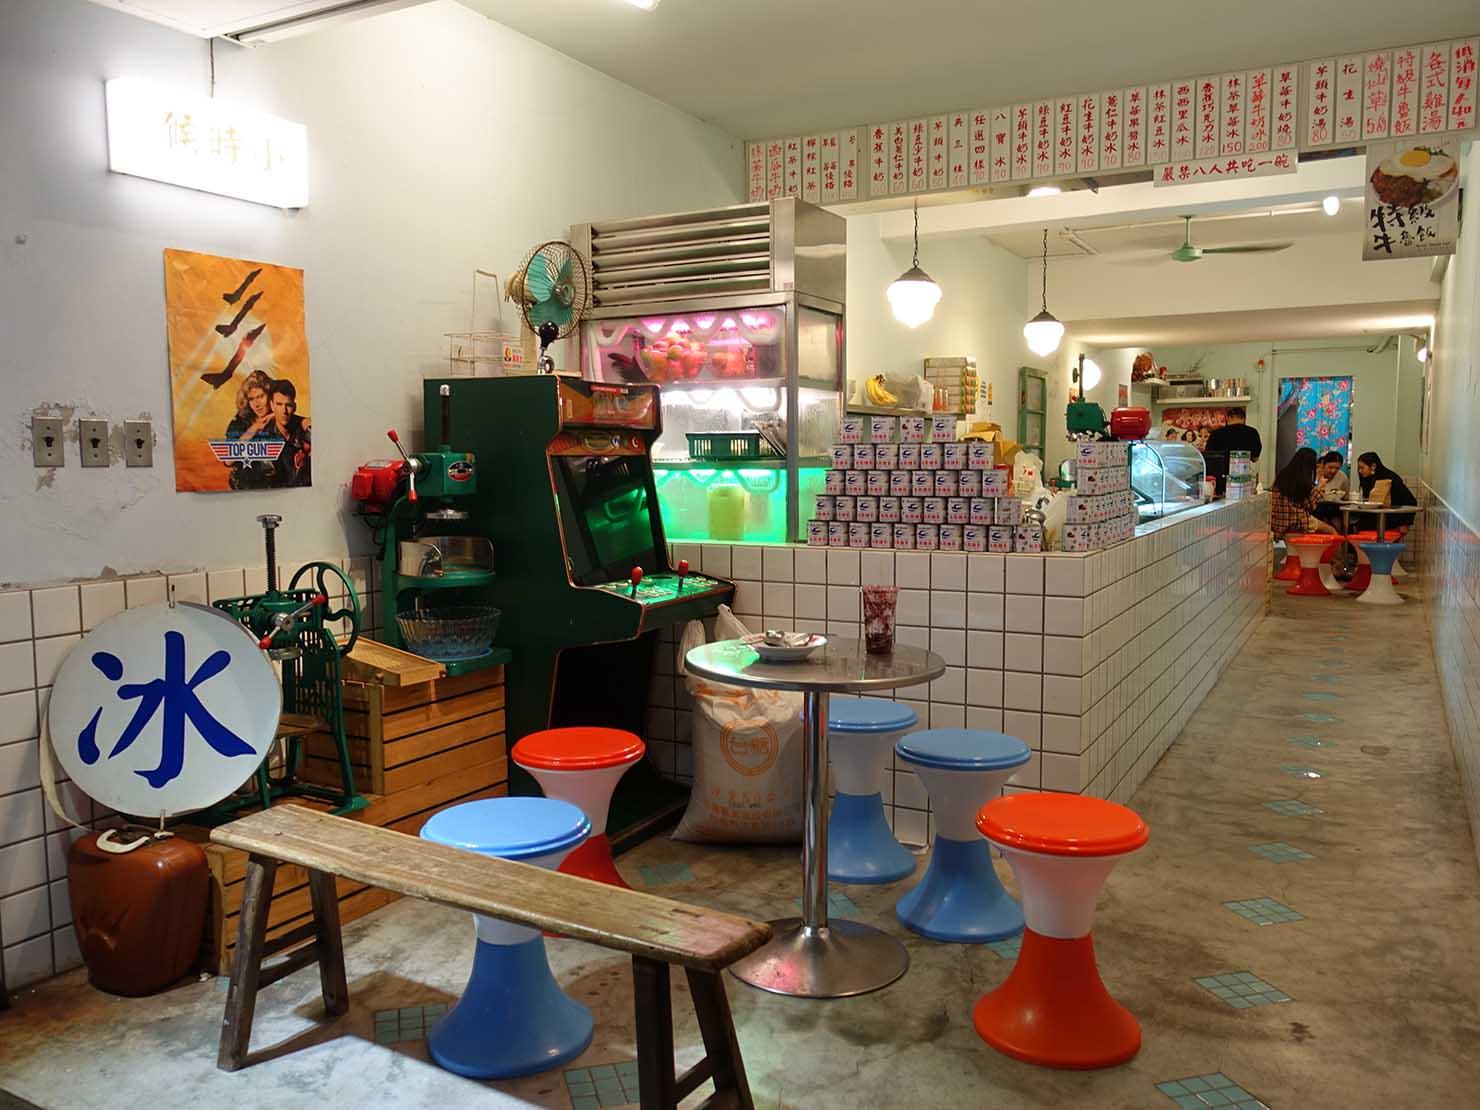 台北・忠孝敦化駅(東區)のおすすめグルメ店「小時候冰菓室」の店内